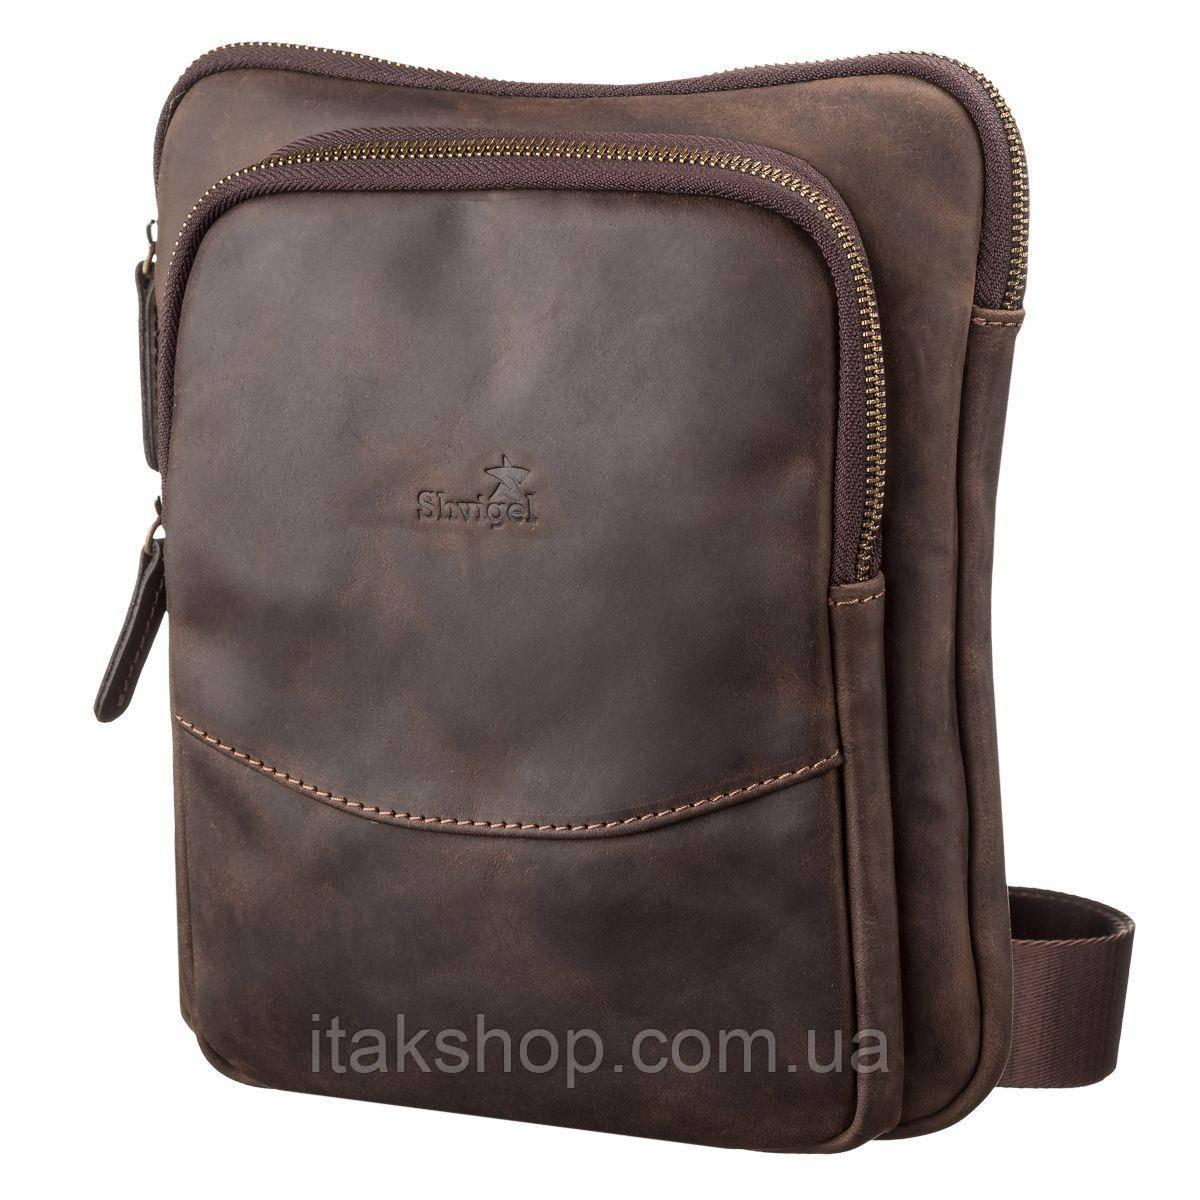 Мужская кожаная сумка-планшет Shvigel 11091 Коричневая